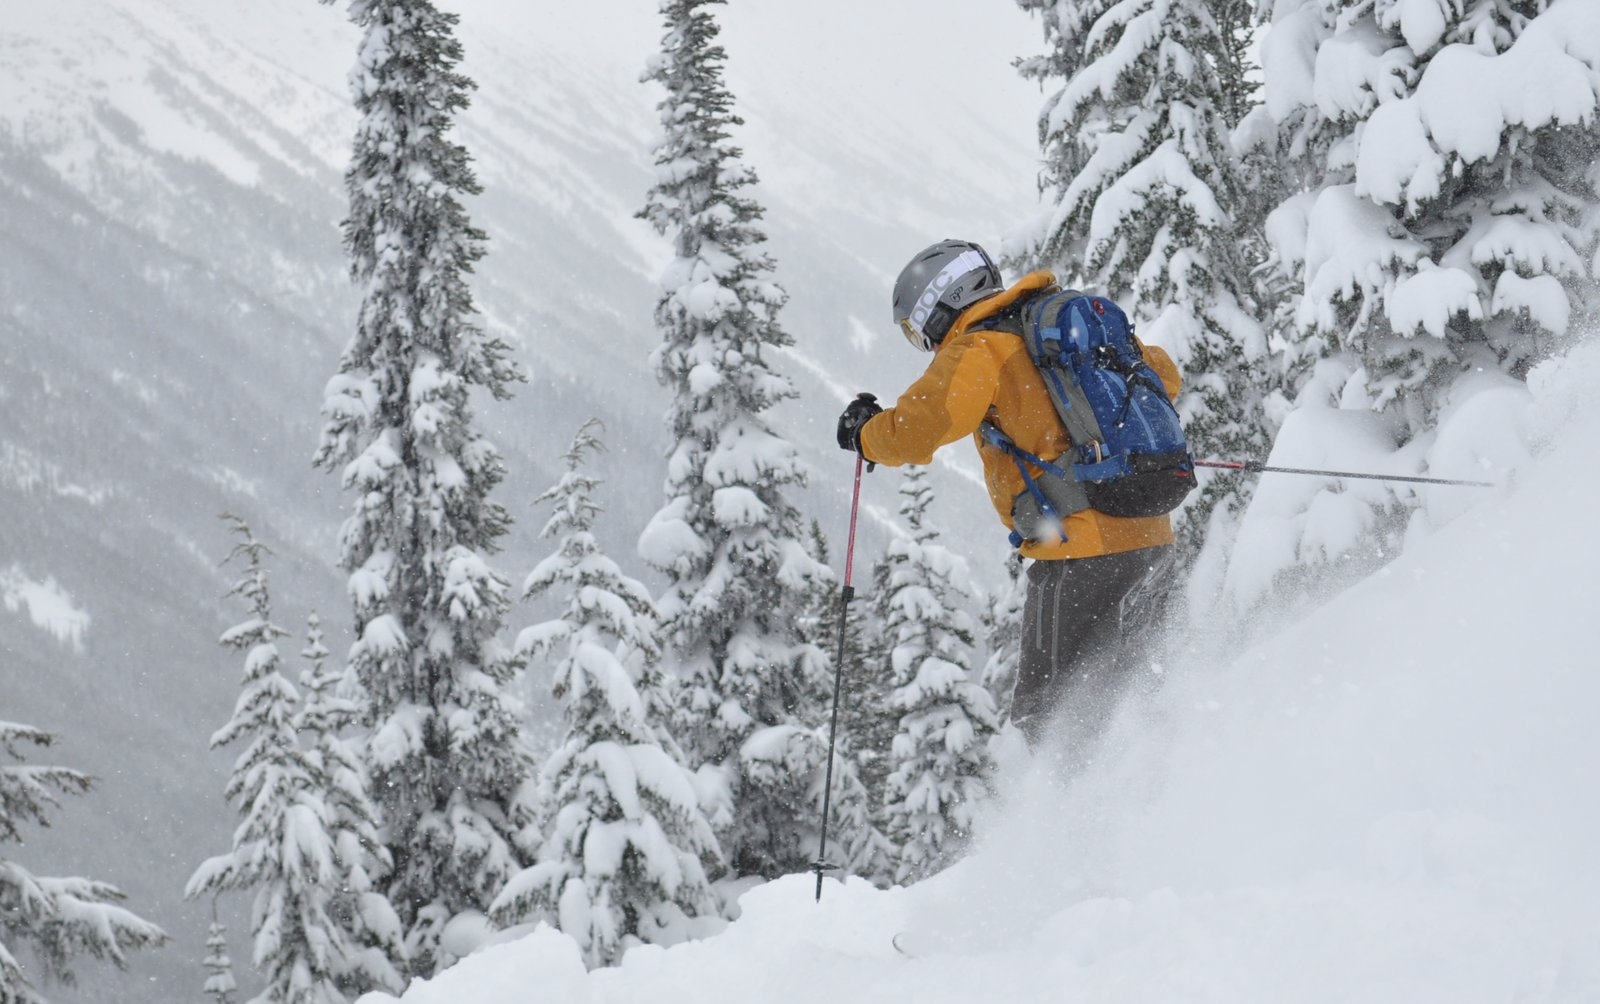 Powder in April, Whistler, BC